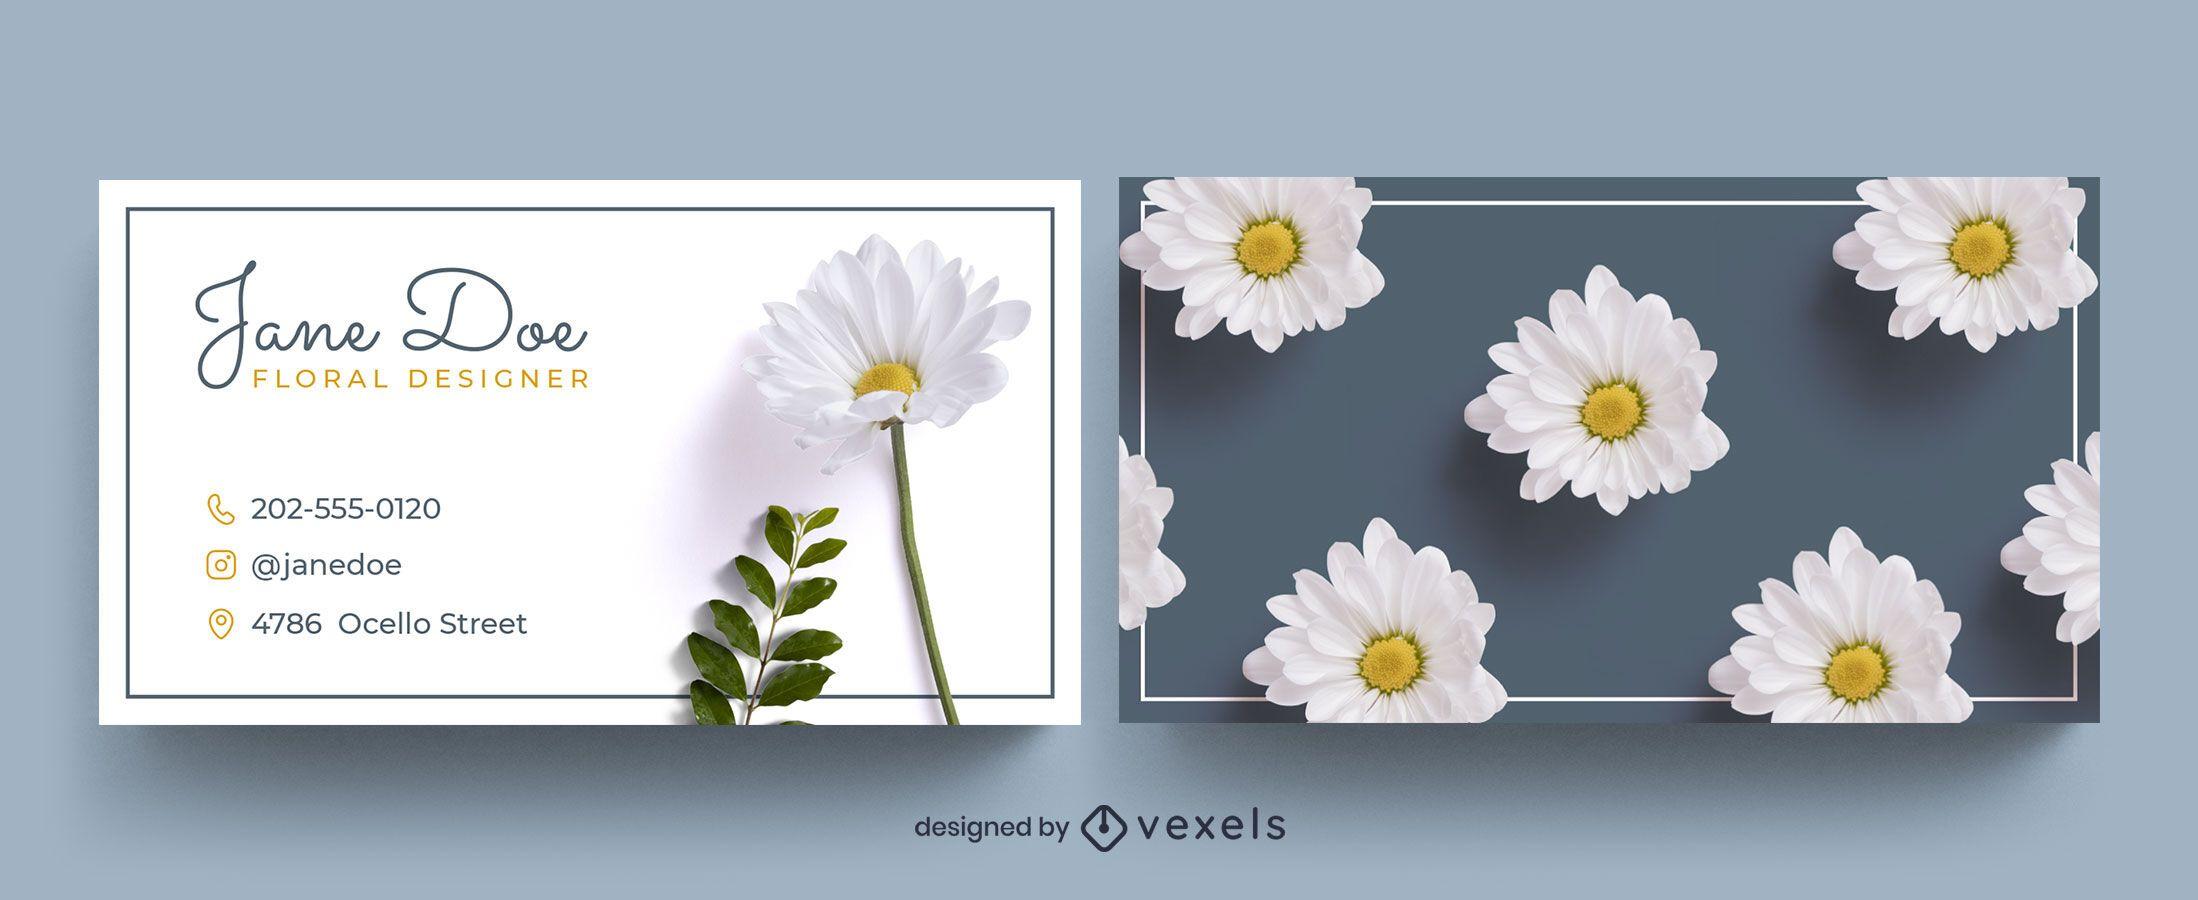 Modelo de cartão de visita padrão de flor fotográfica